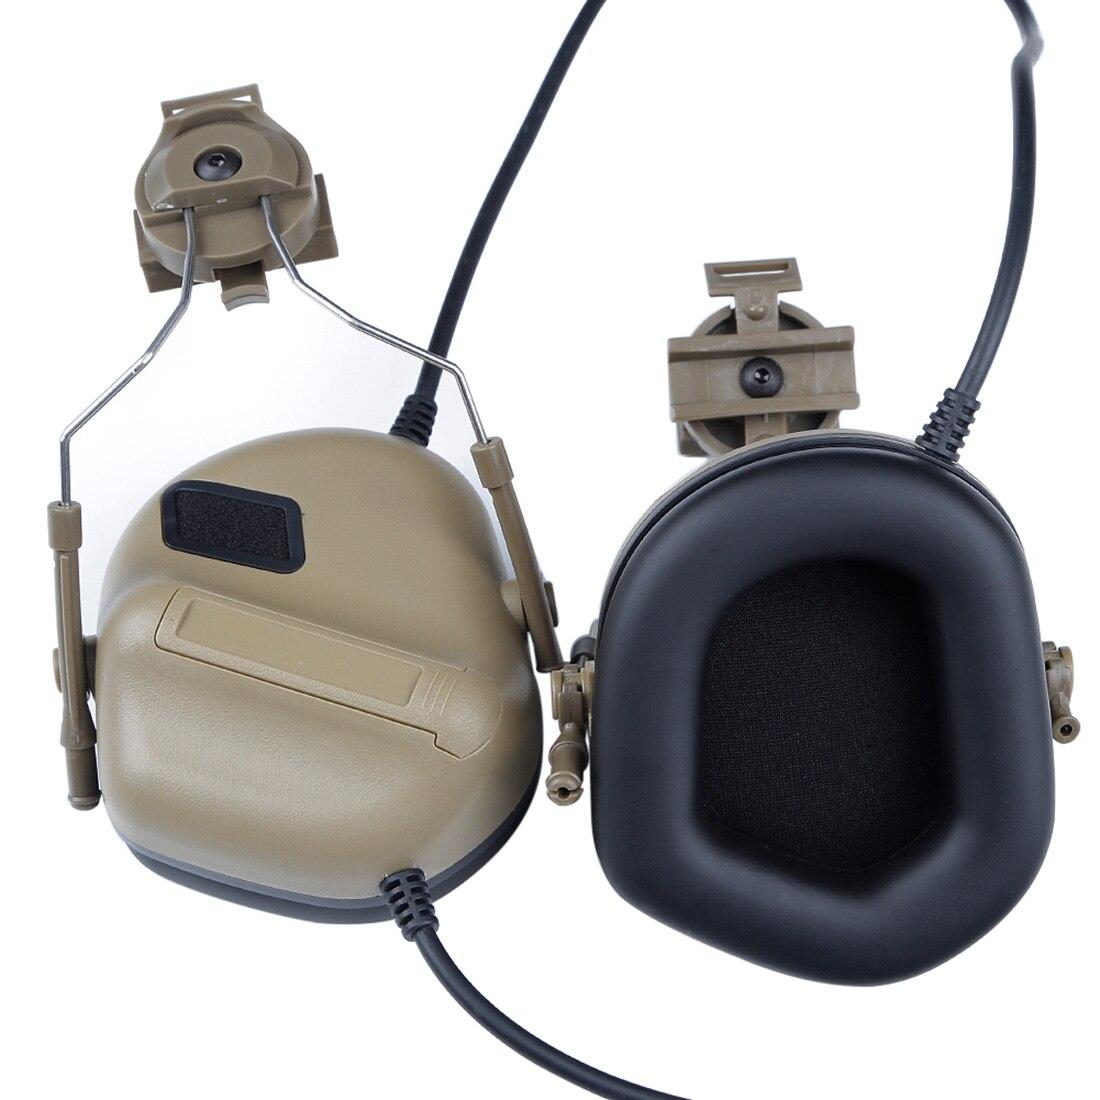 captador redução ruído fone de ouvido